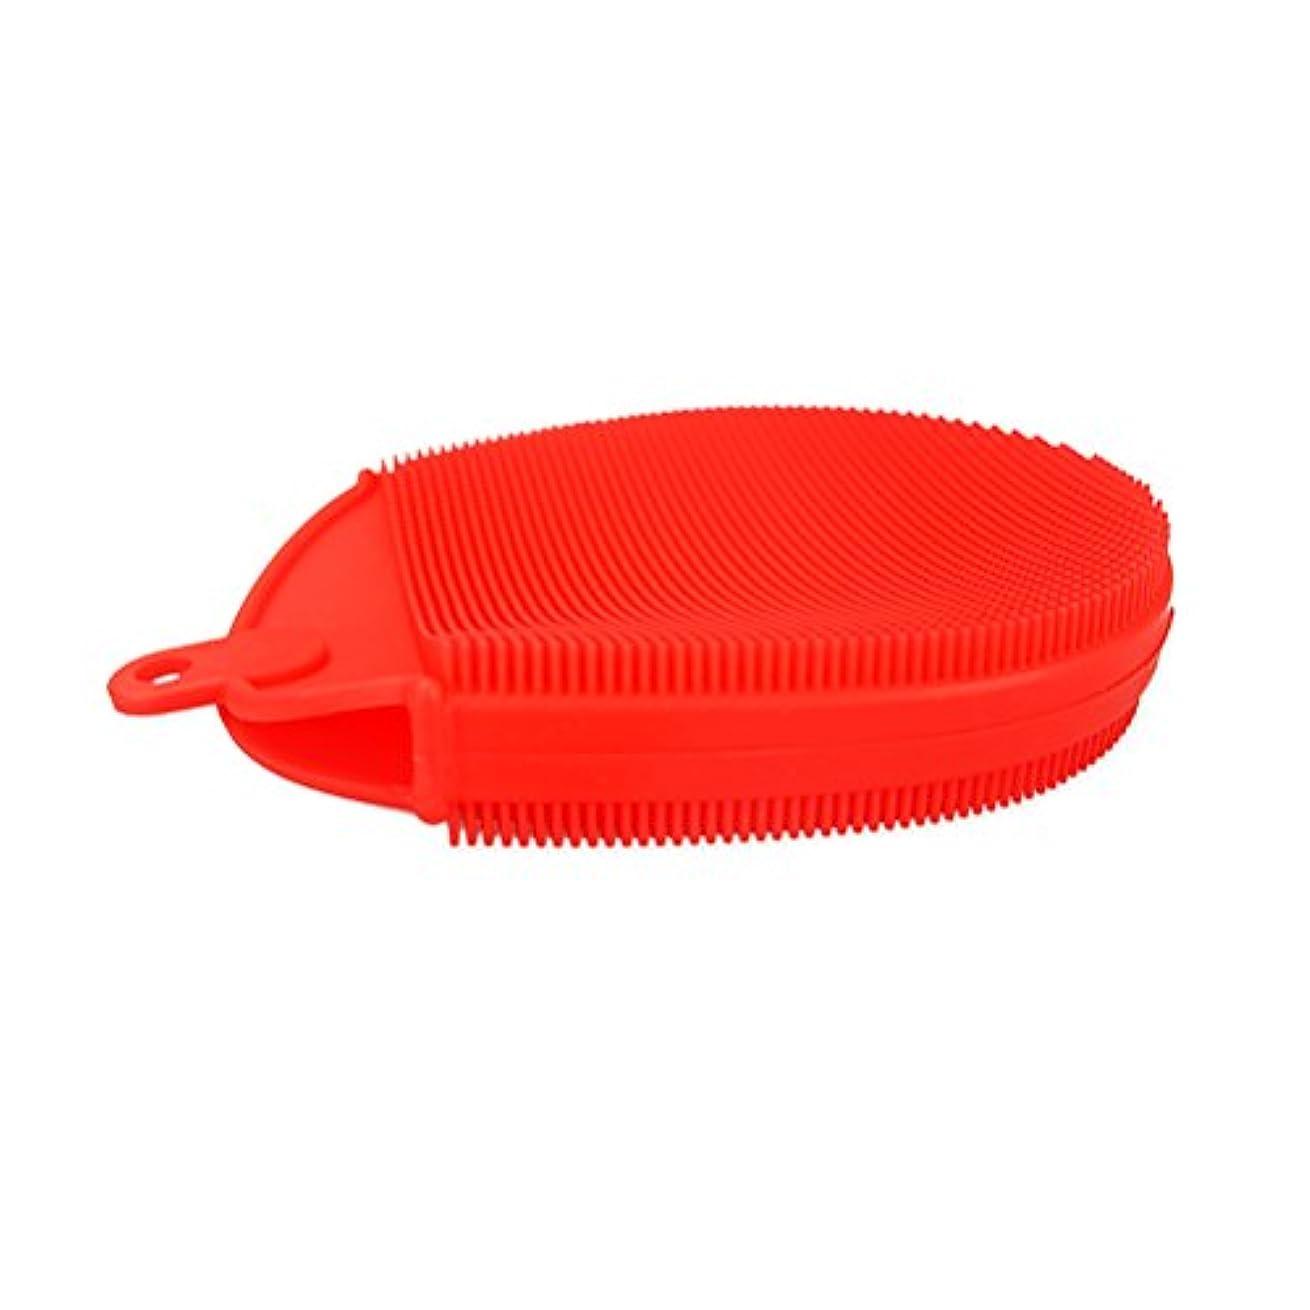 効能ある役割浸すOUNONA ボディブラシ シリコン製 角質除去 体マッサージ お風呂体ブラシ(赤)